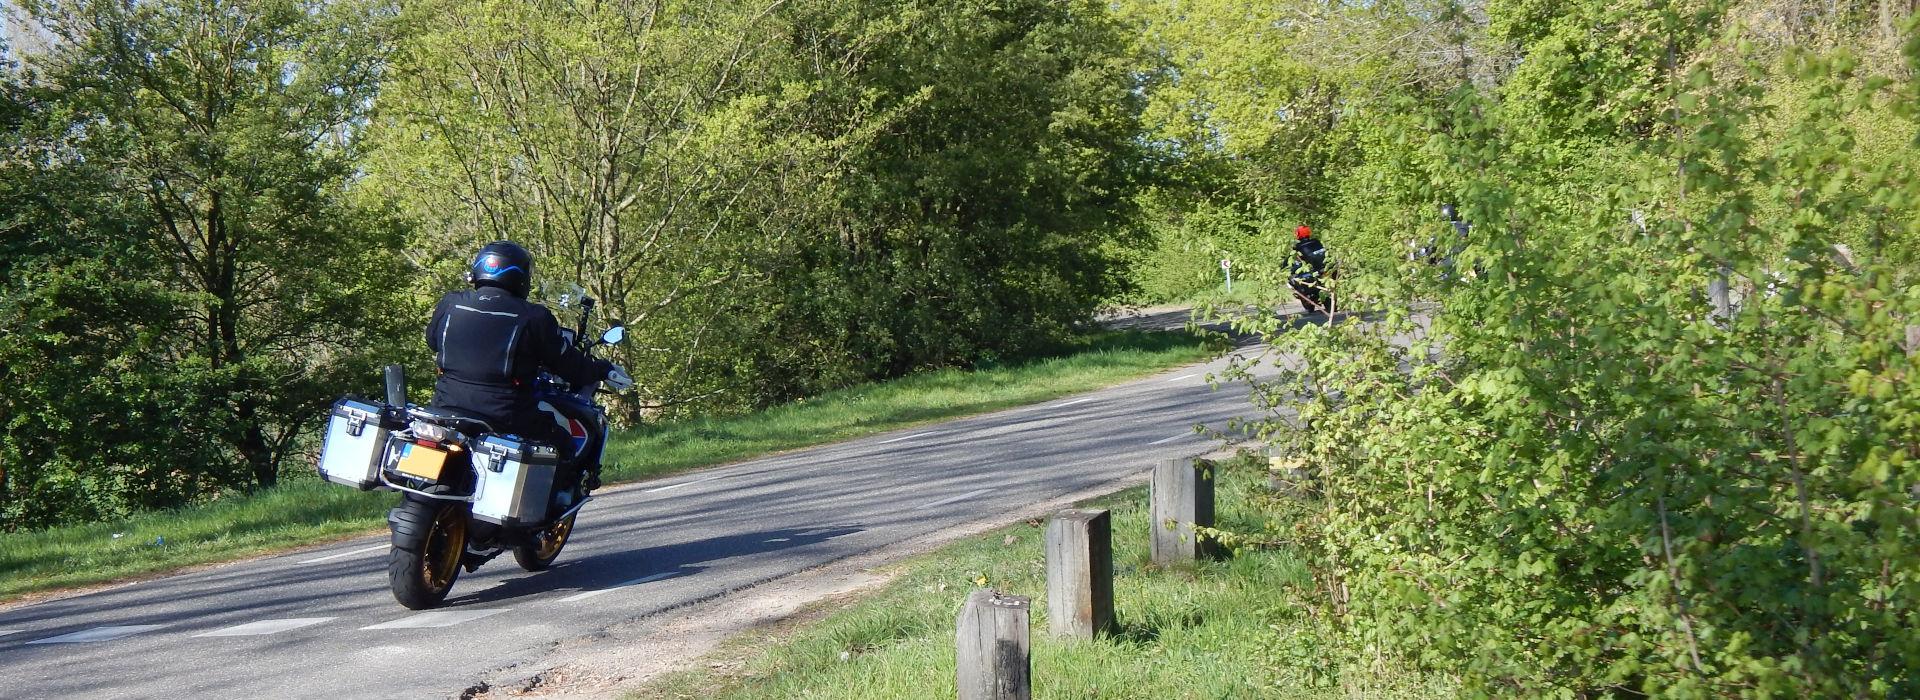 Motorrijschool Motorrijbewijspoint Merkelbeek motorrijlessen